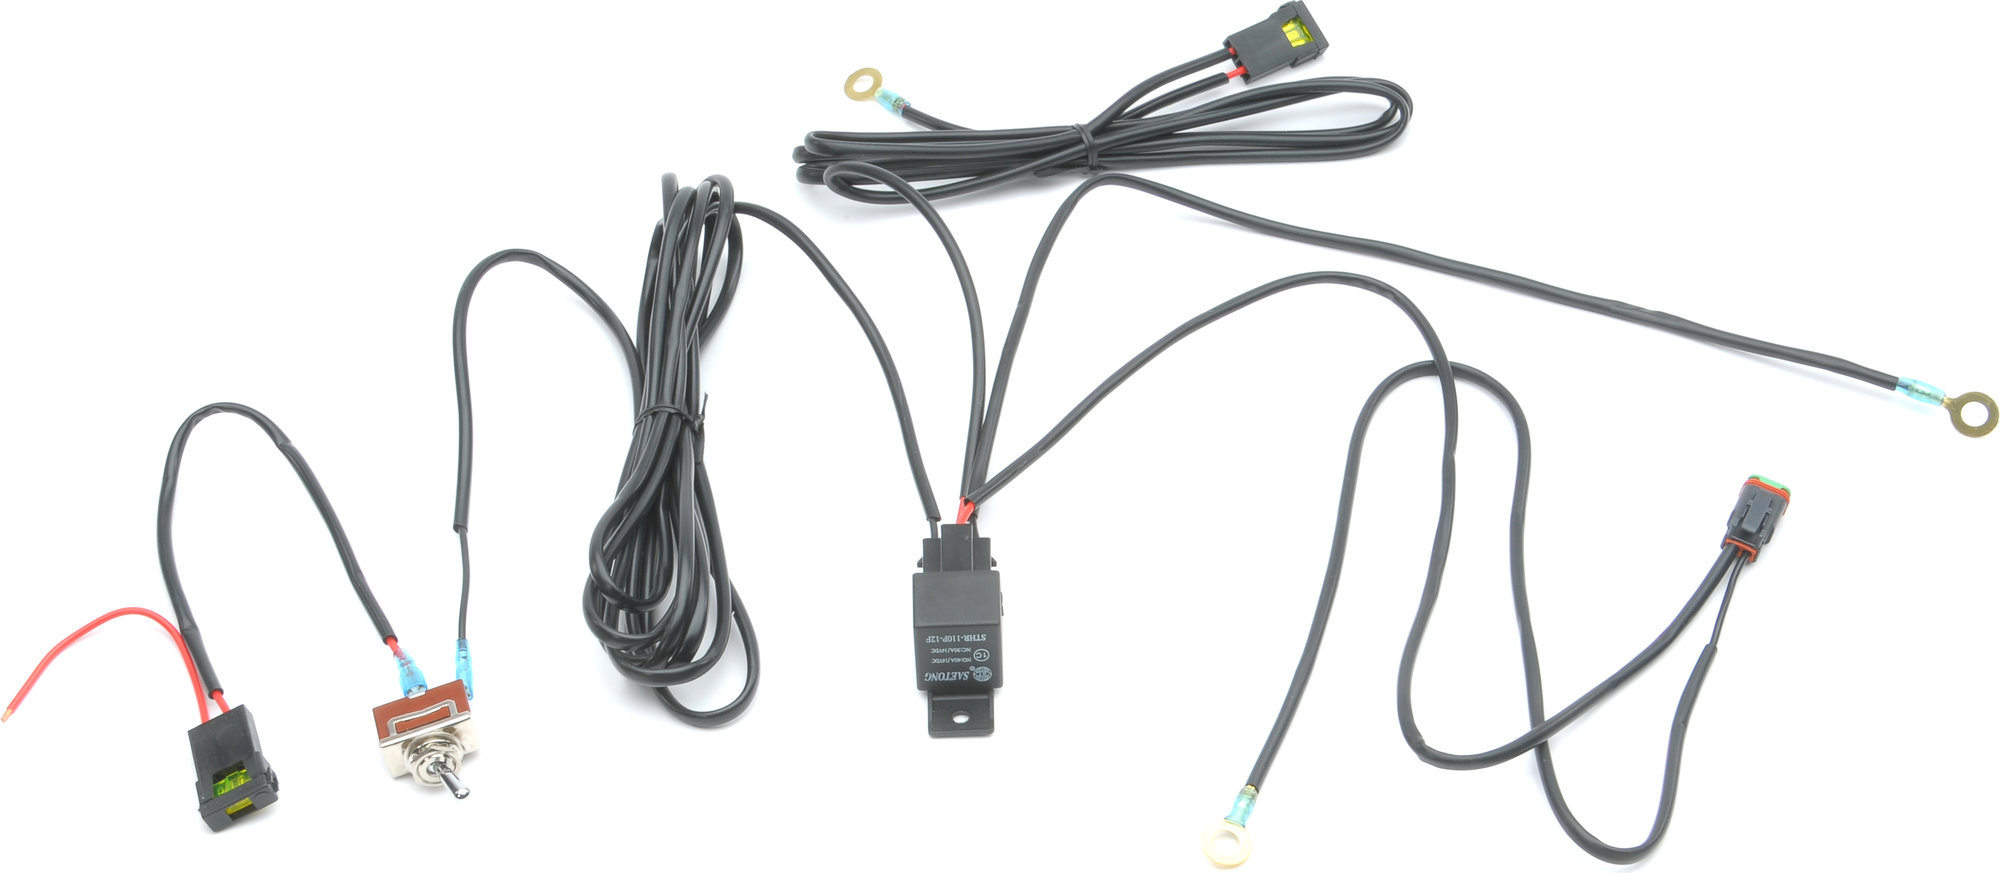 Pro Comp Led 40 Amp Switch Kit